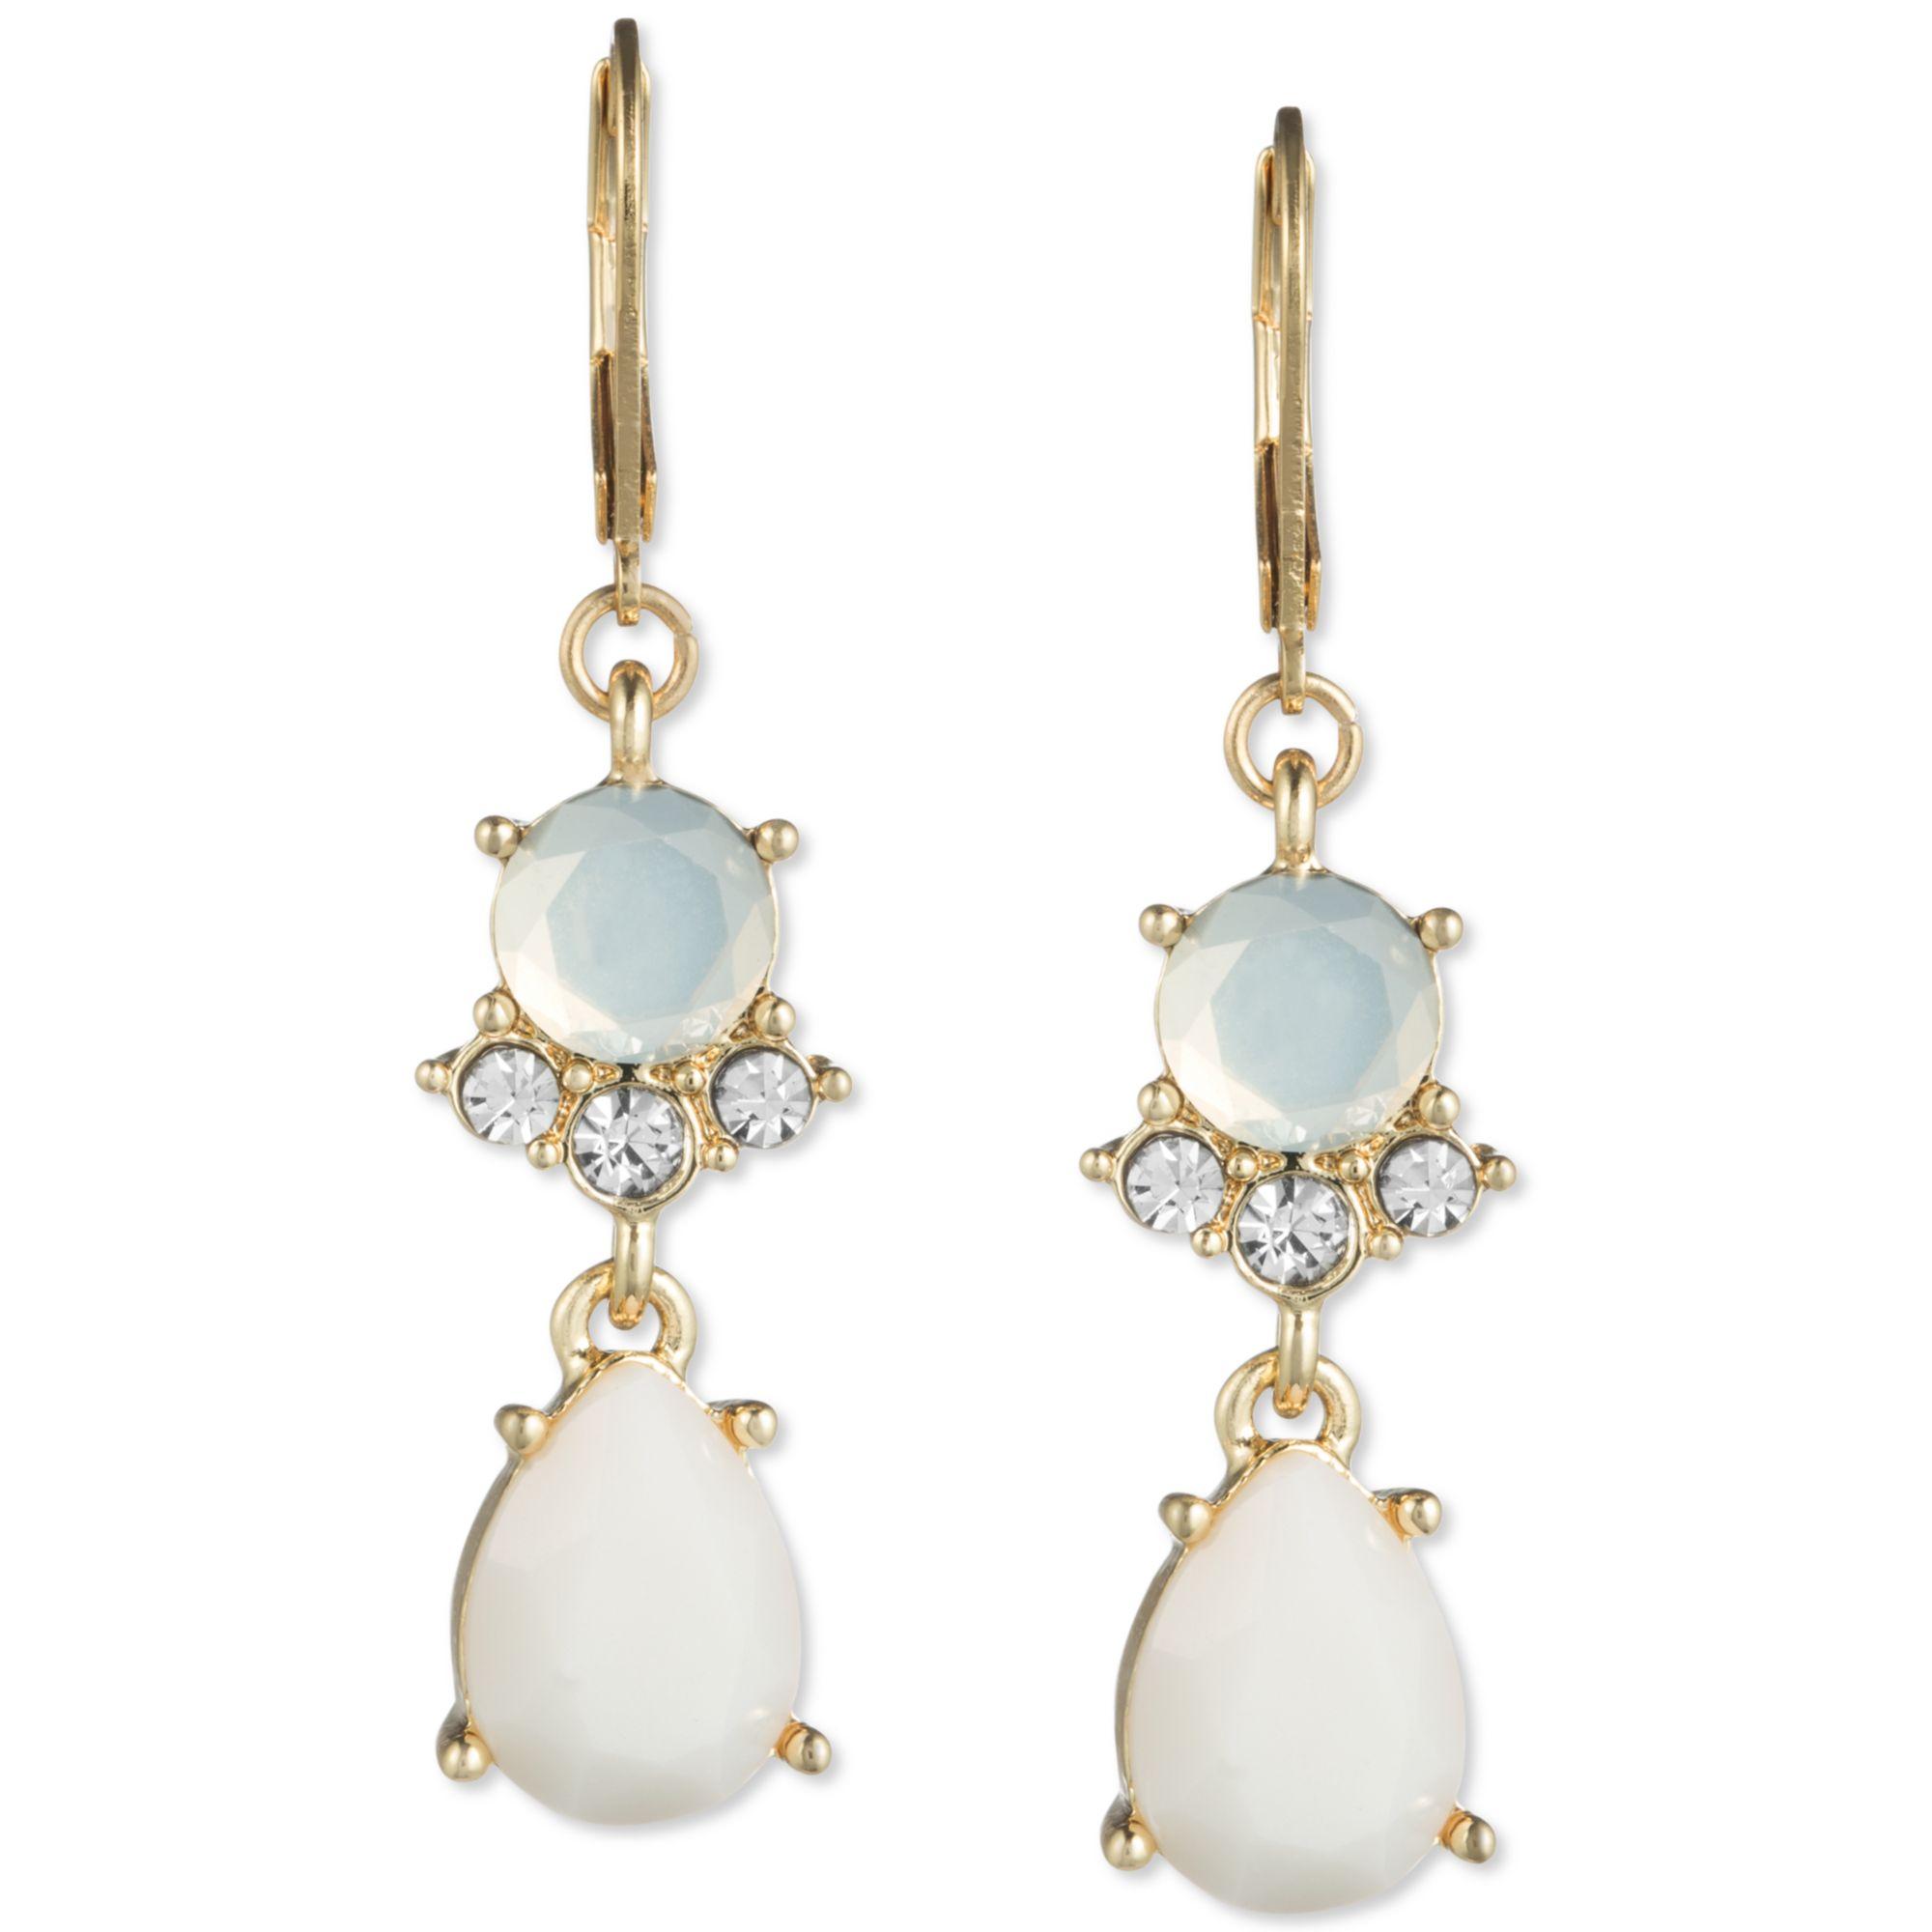 Anne klein jewelry